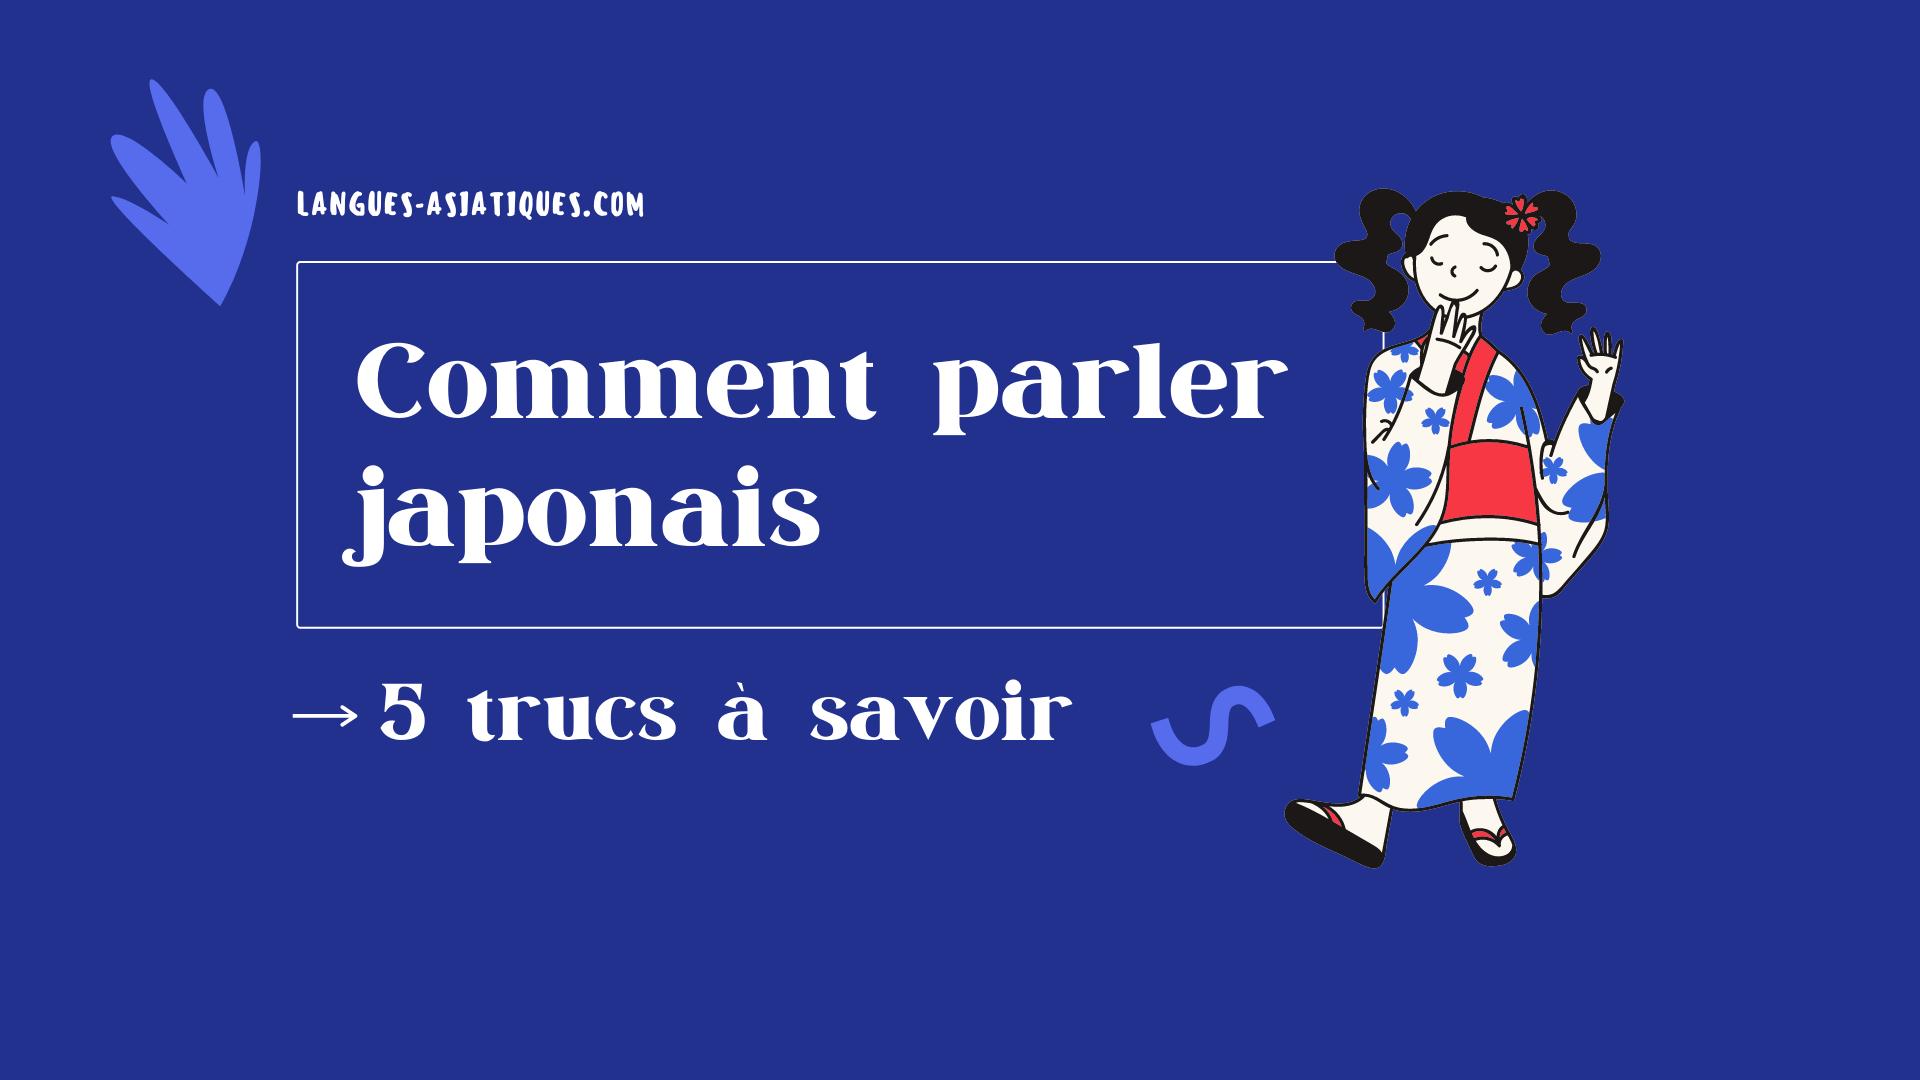 Comment parler japonais - 5 trucs à savoir